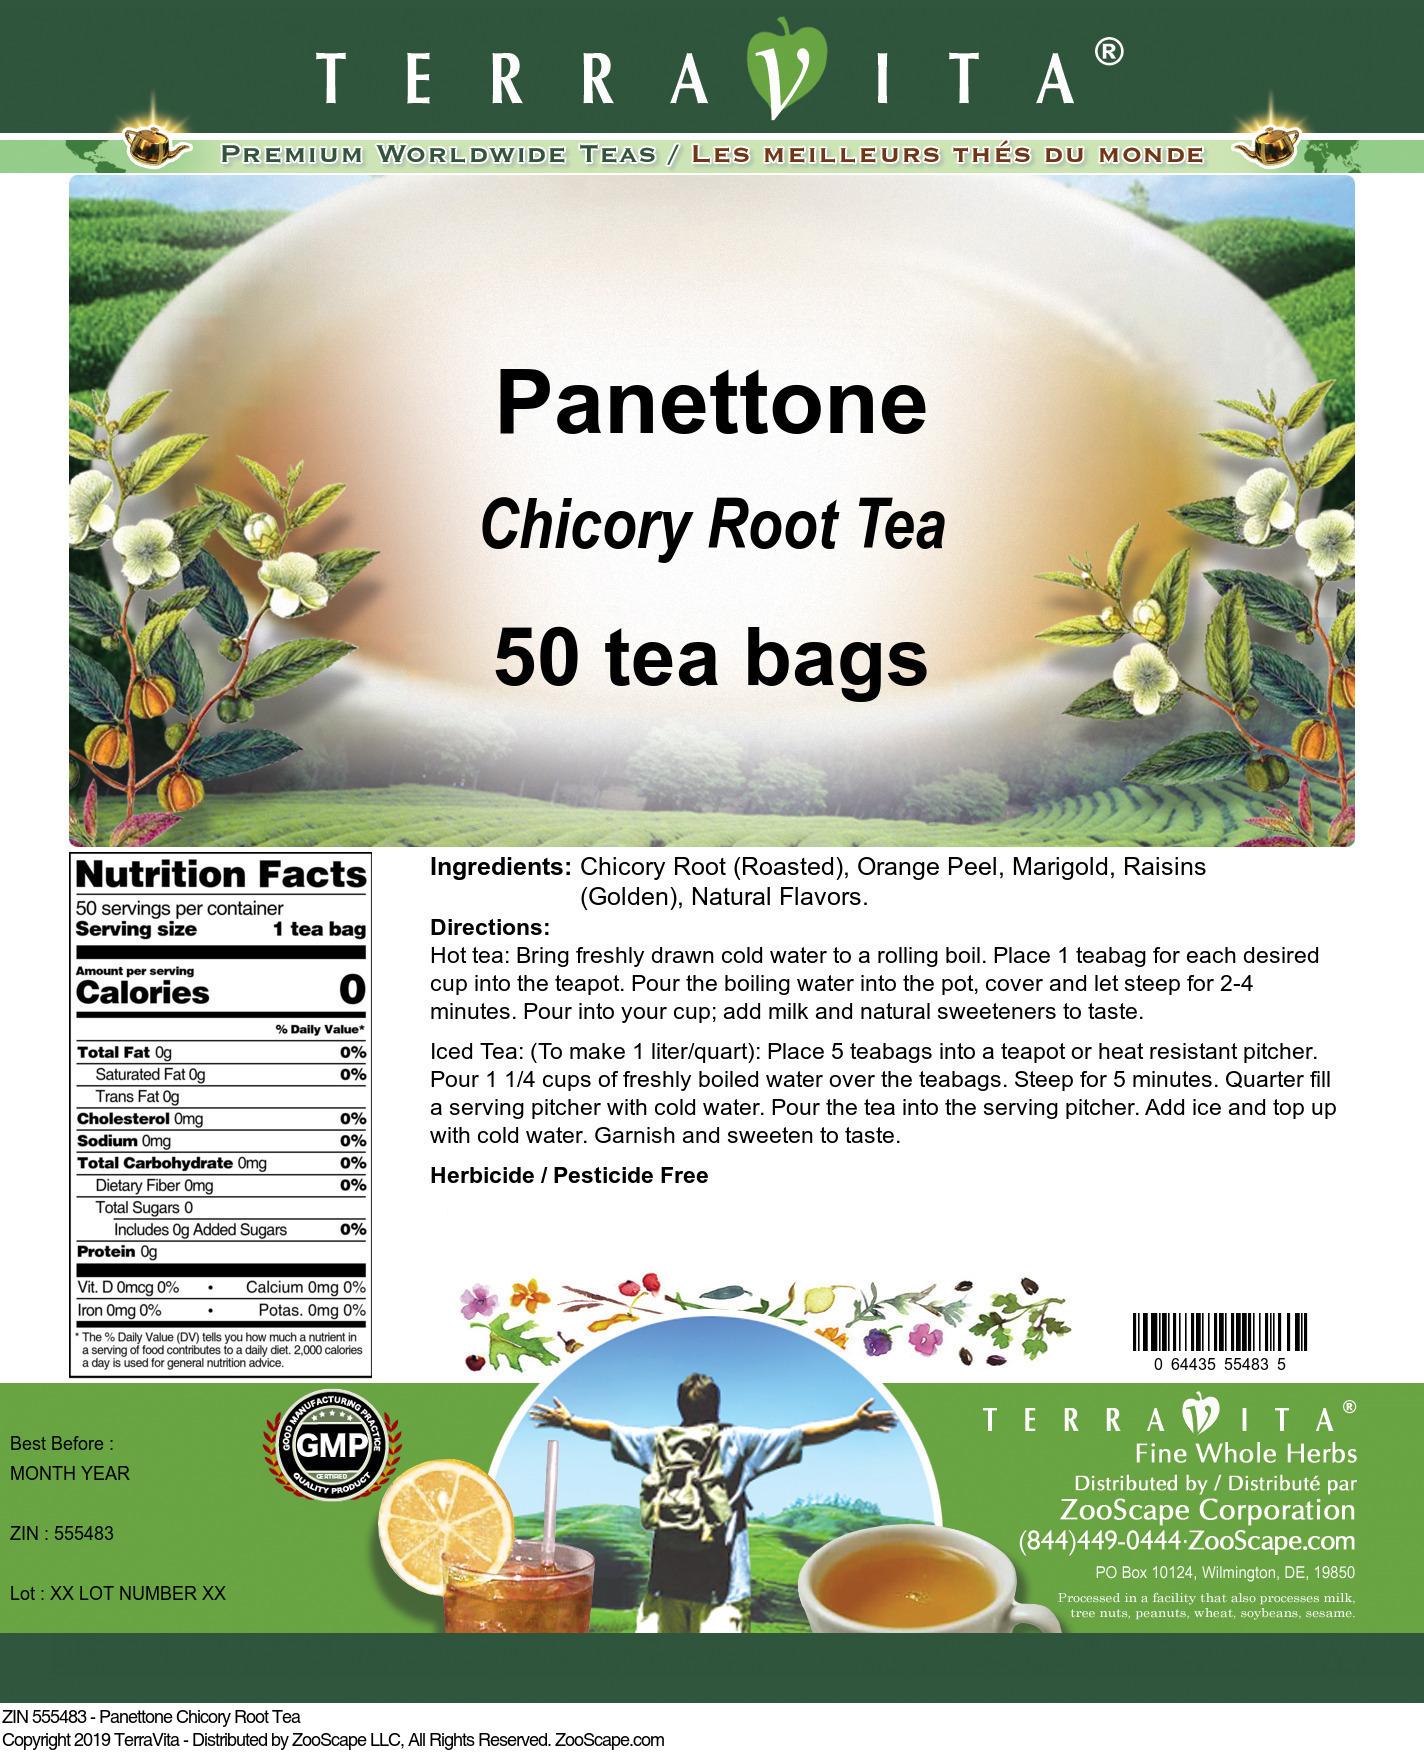 Panettone Chicory Root